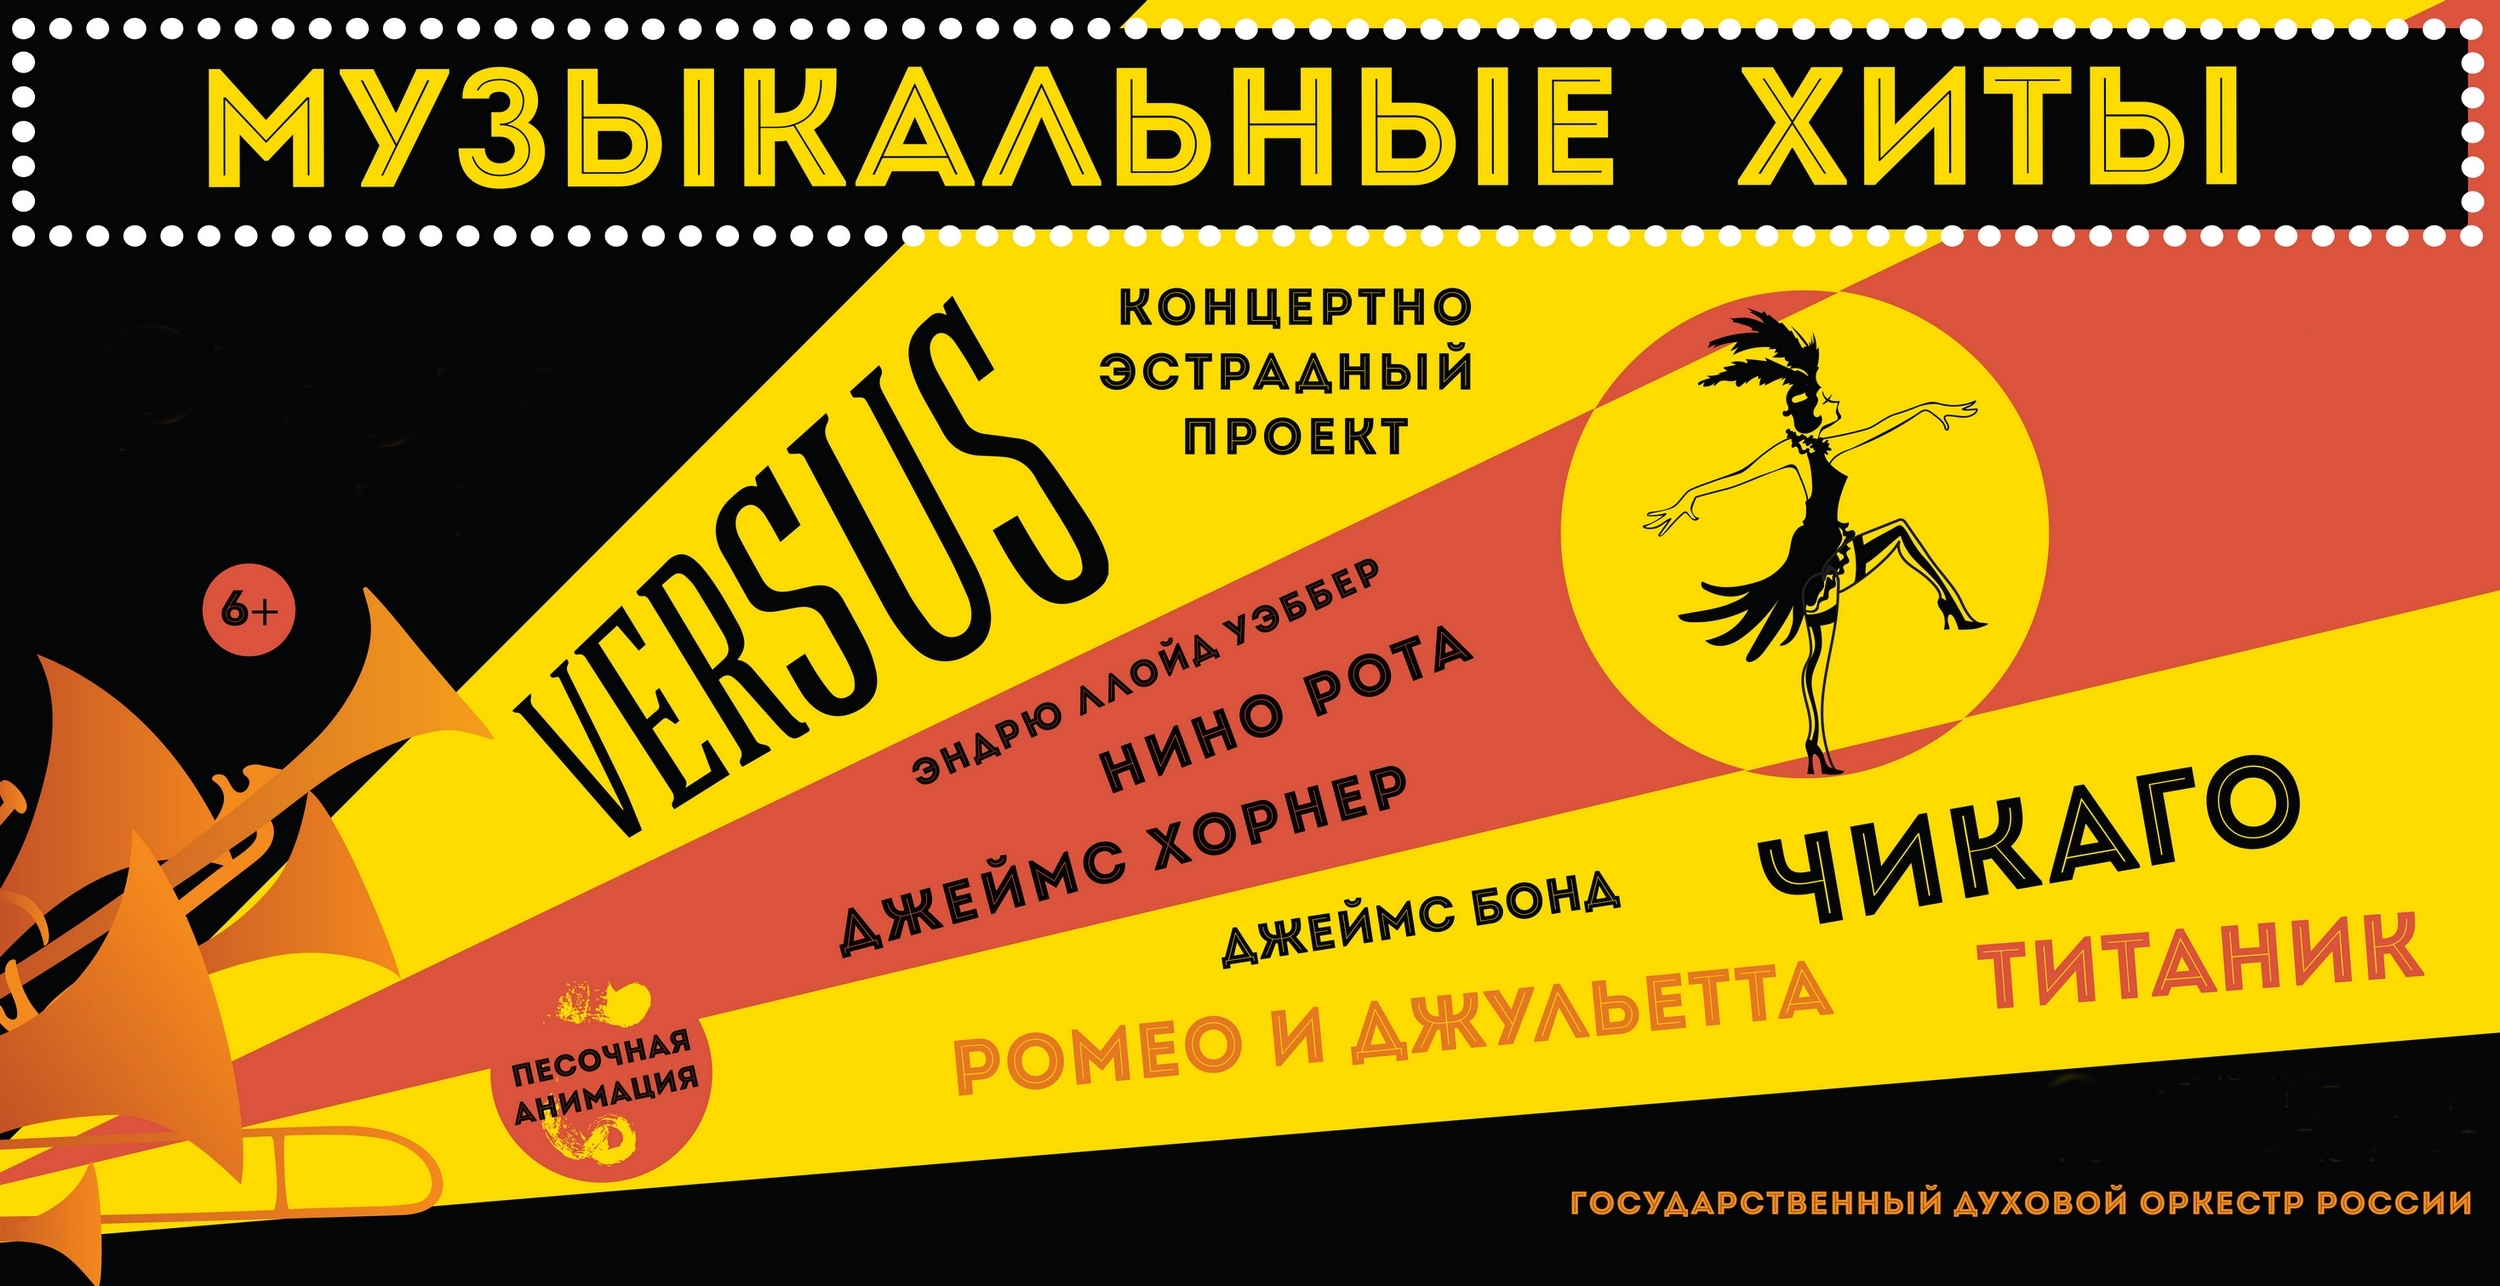 Государственный духовой оркестр России